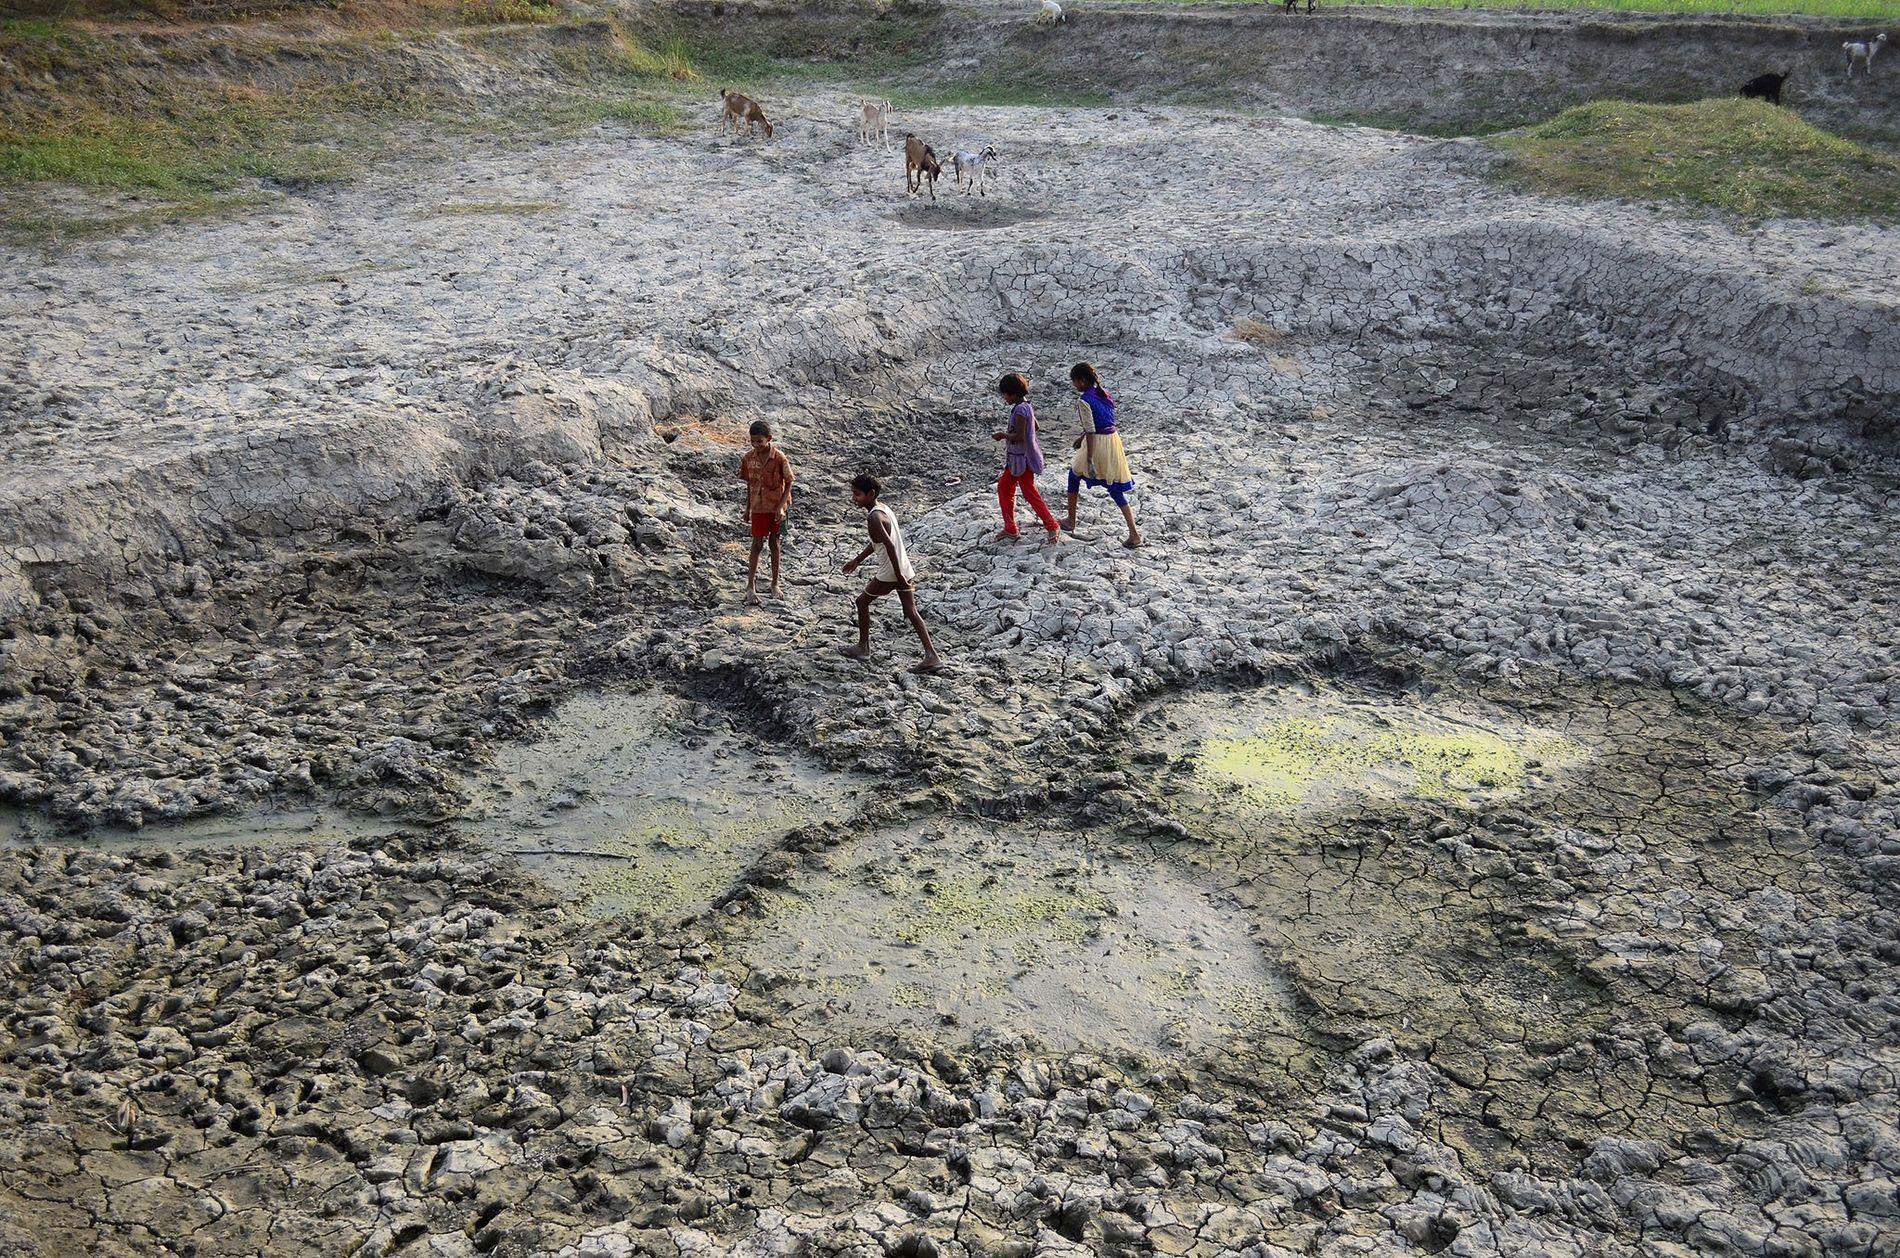 Des enfants Indiens jouent sur une partie asséchée de la rivière Varuna, un affluent du Gange.